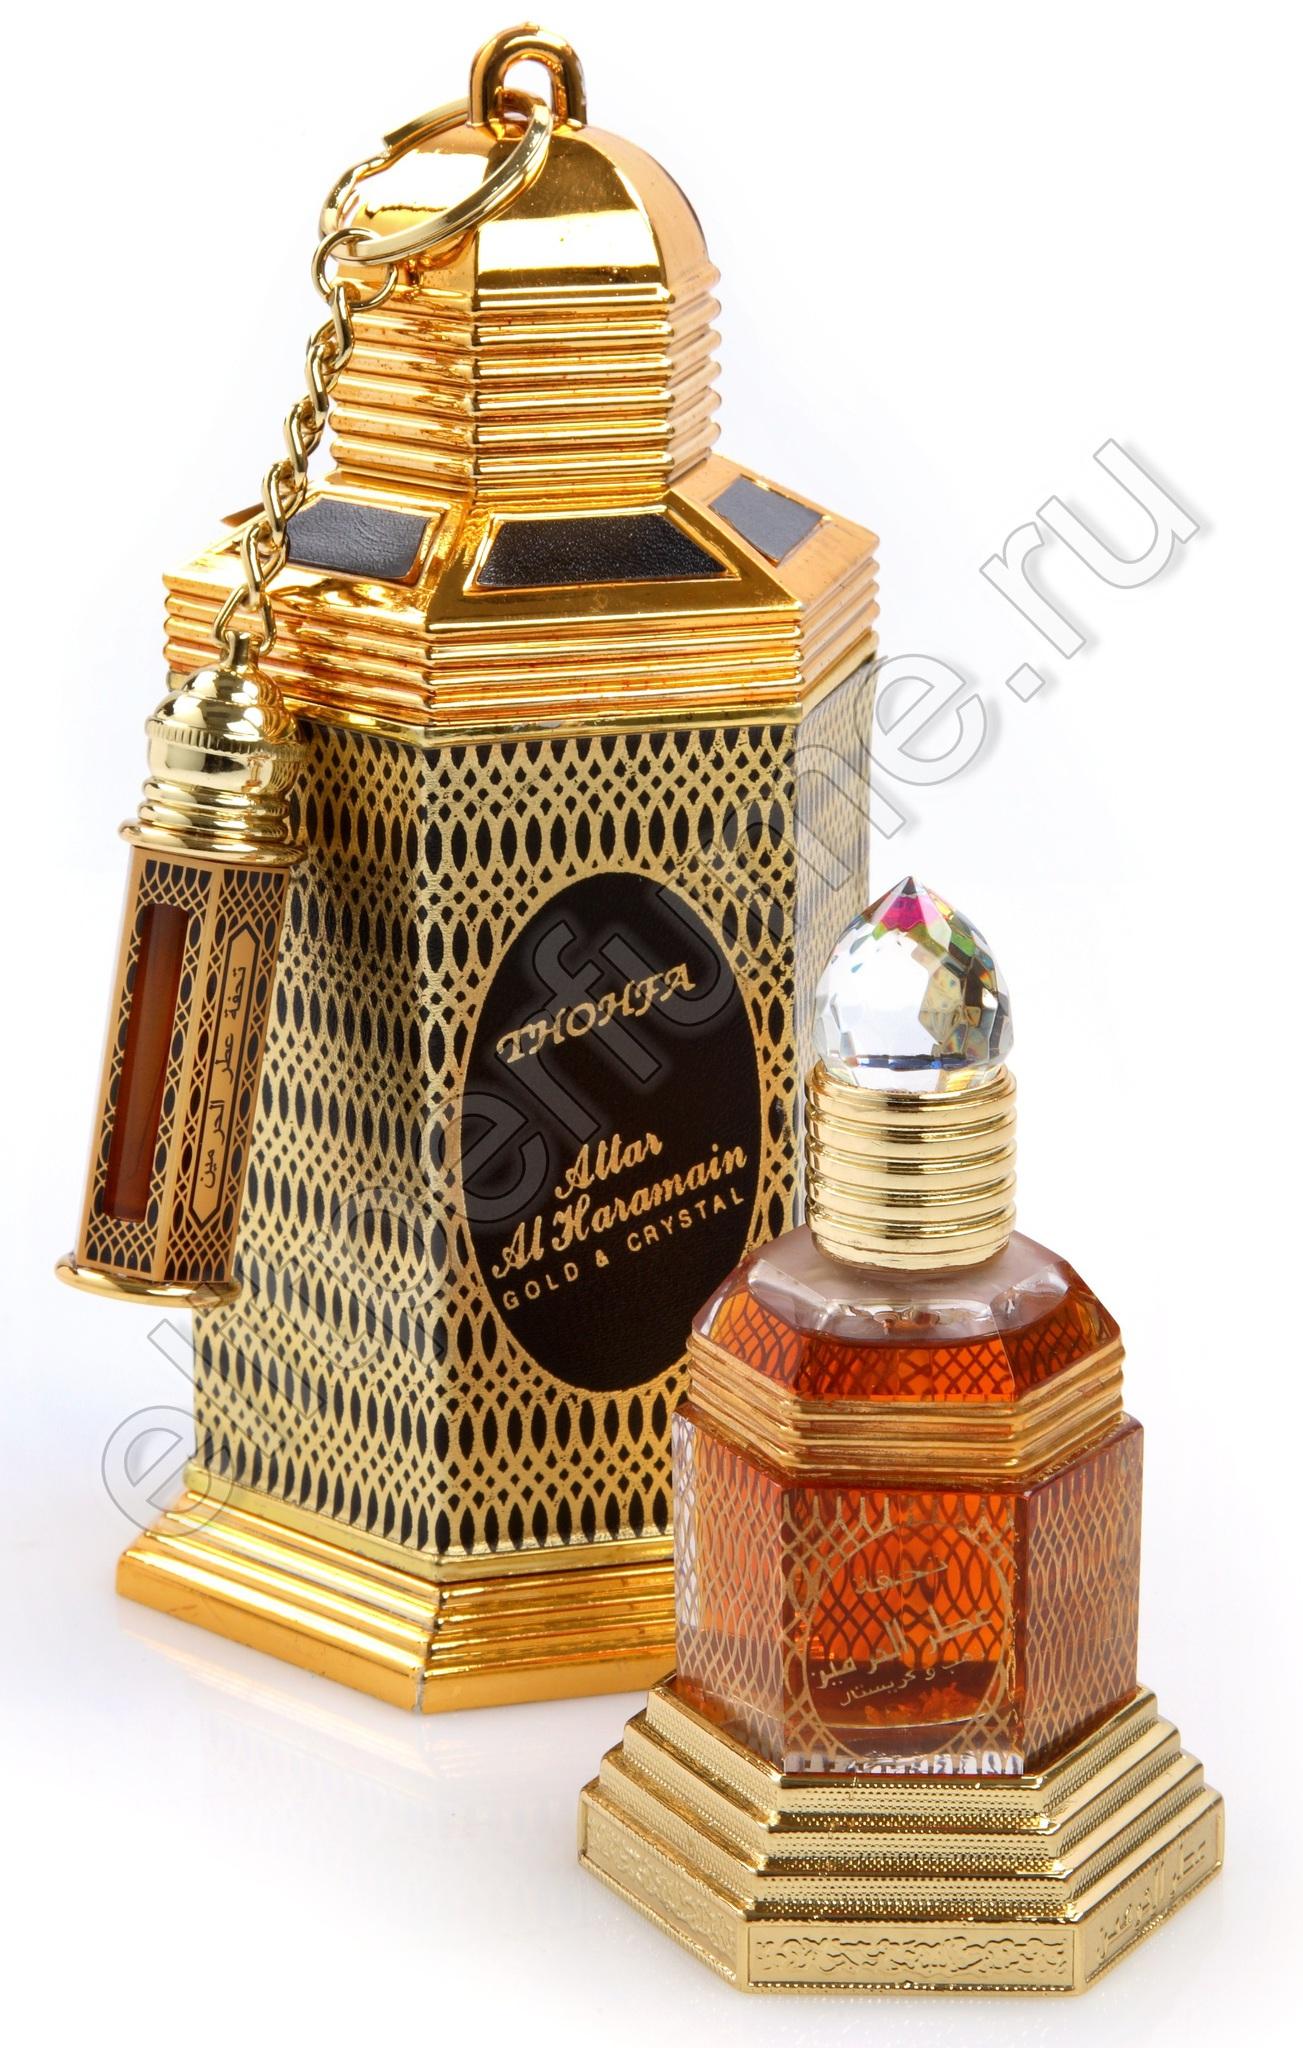 Пробники для духов Тофа Аттар Аль-Харамайн Thohfa Attar Al Haramain 1 мл арабские масляные духи от Аль Харамайн Al Haramin Perfumes